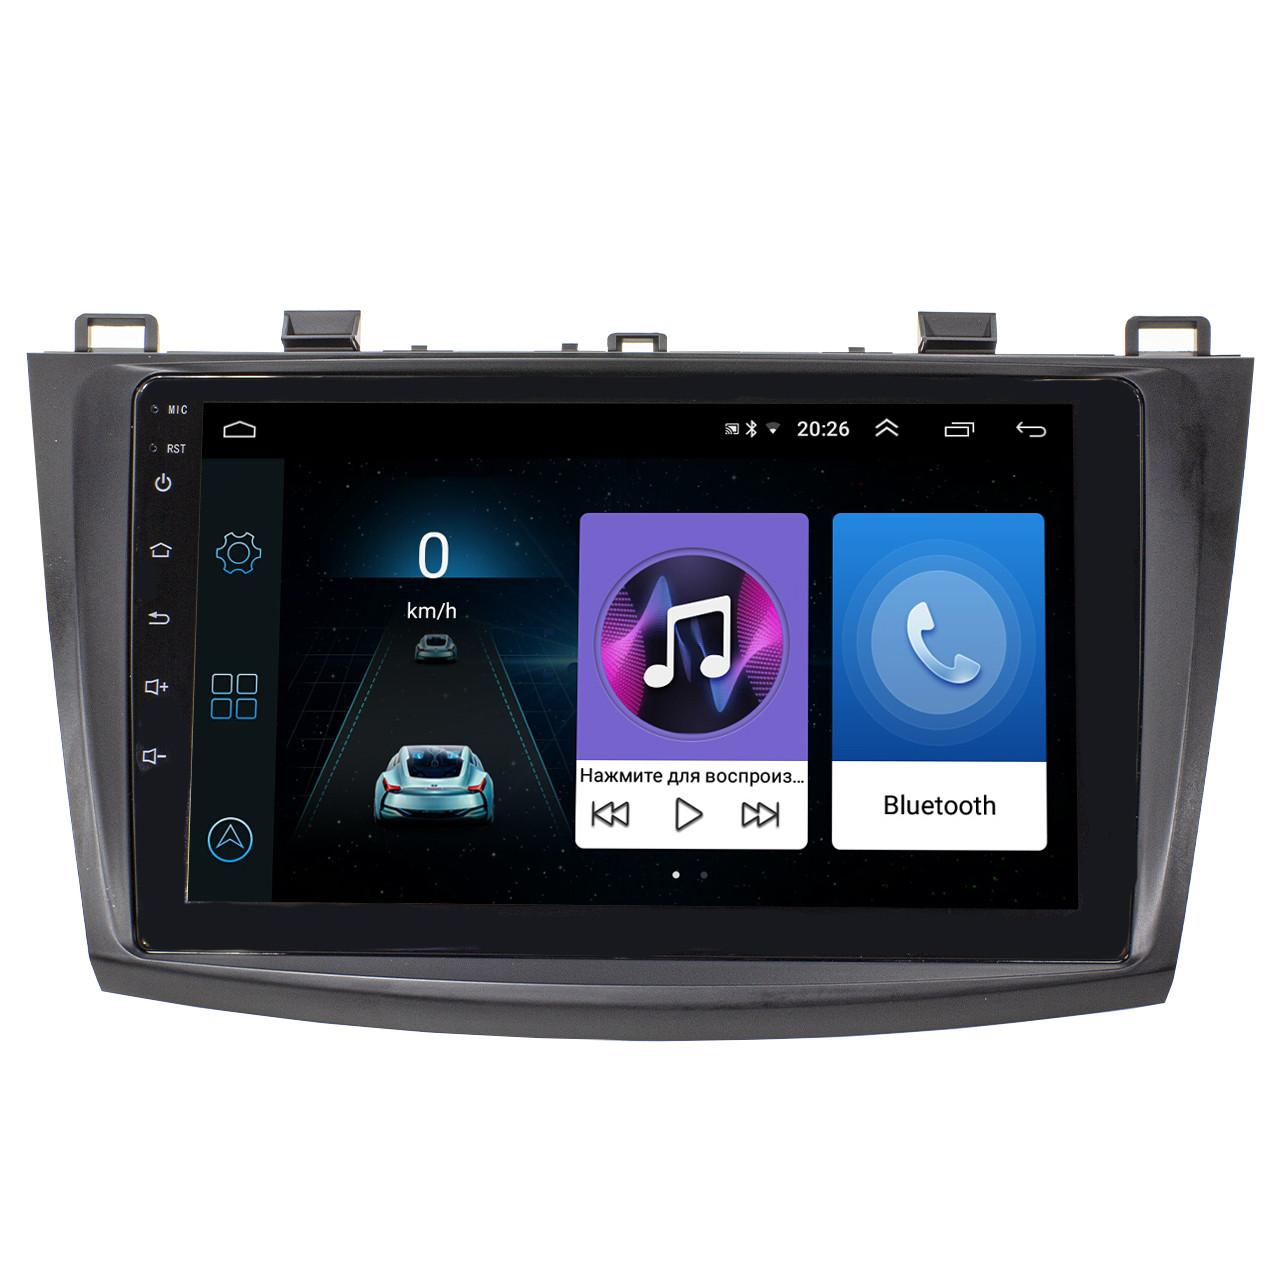 Штатна автомобільна магнітола для Mazda 3 9 (2009-2013) GPS 4G Wi Fi IGO Android 6